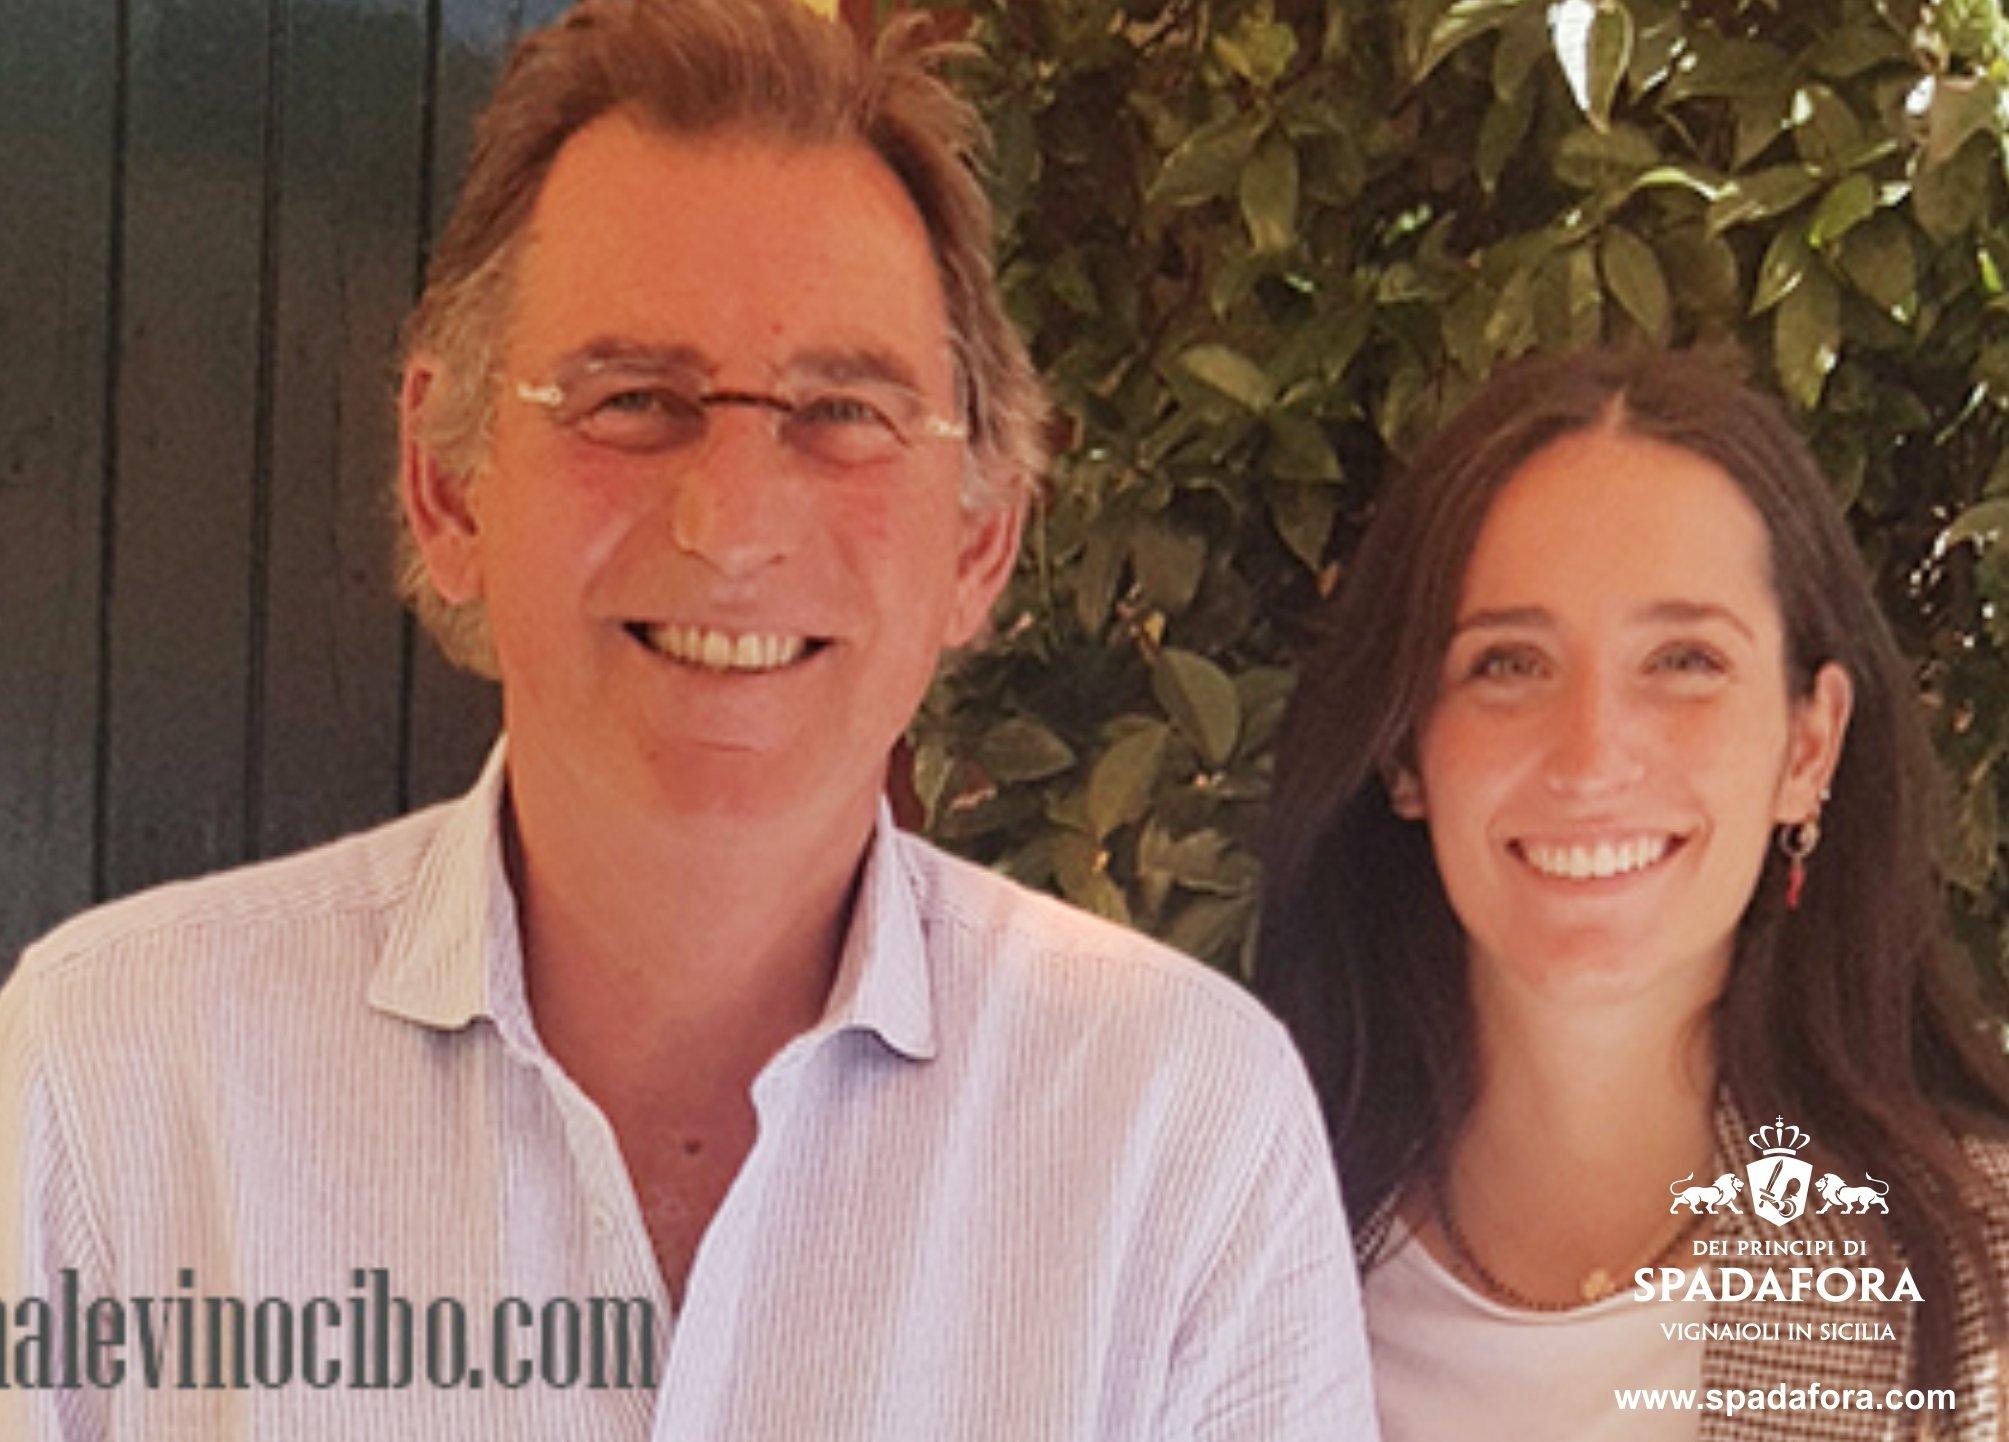 Vendita online vino Grillo biologico, dei Principi di Spadafora